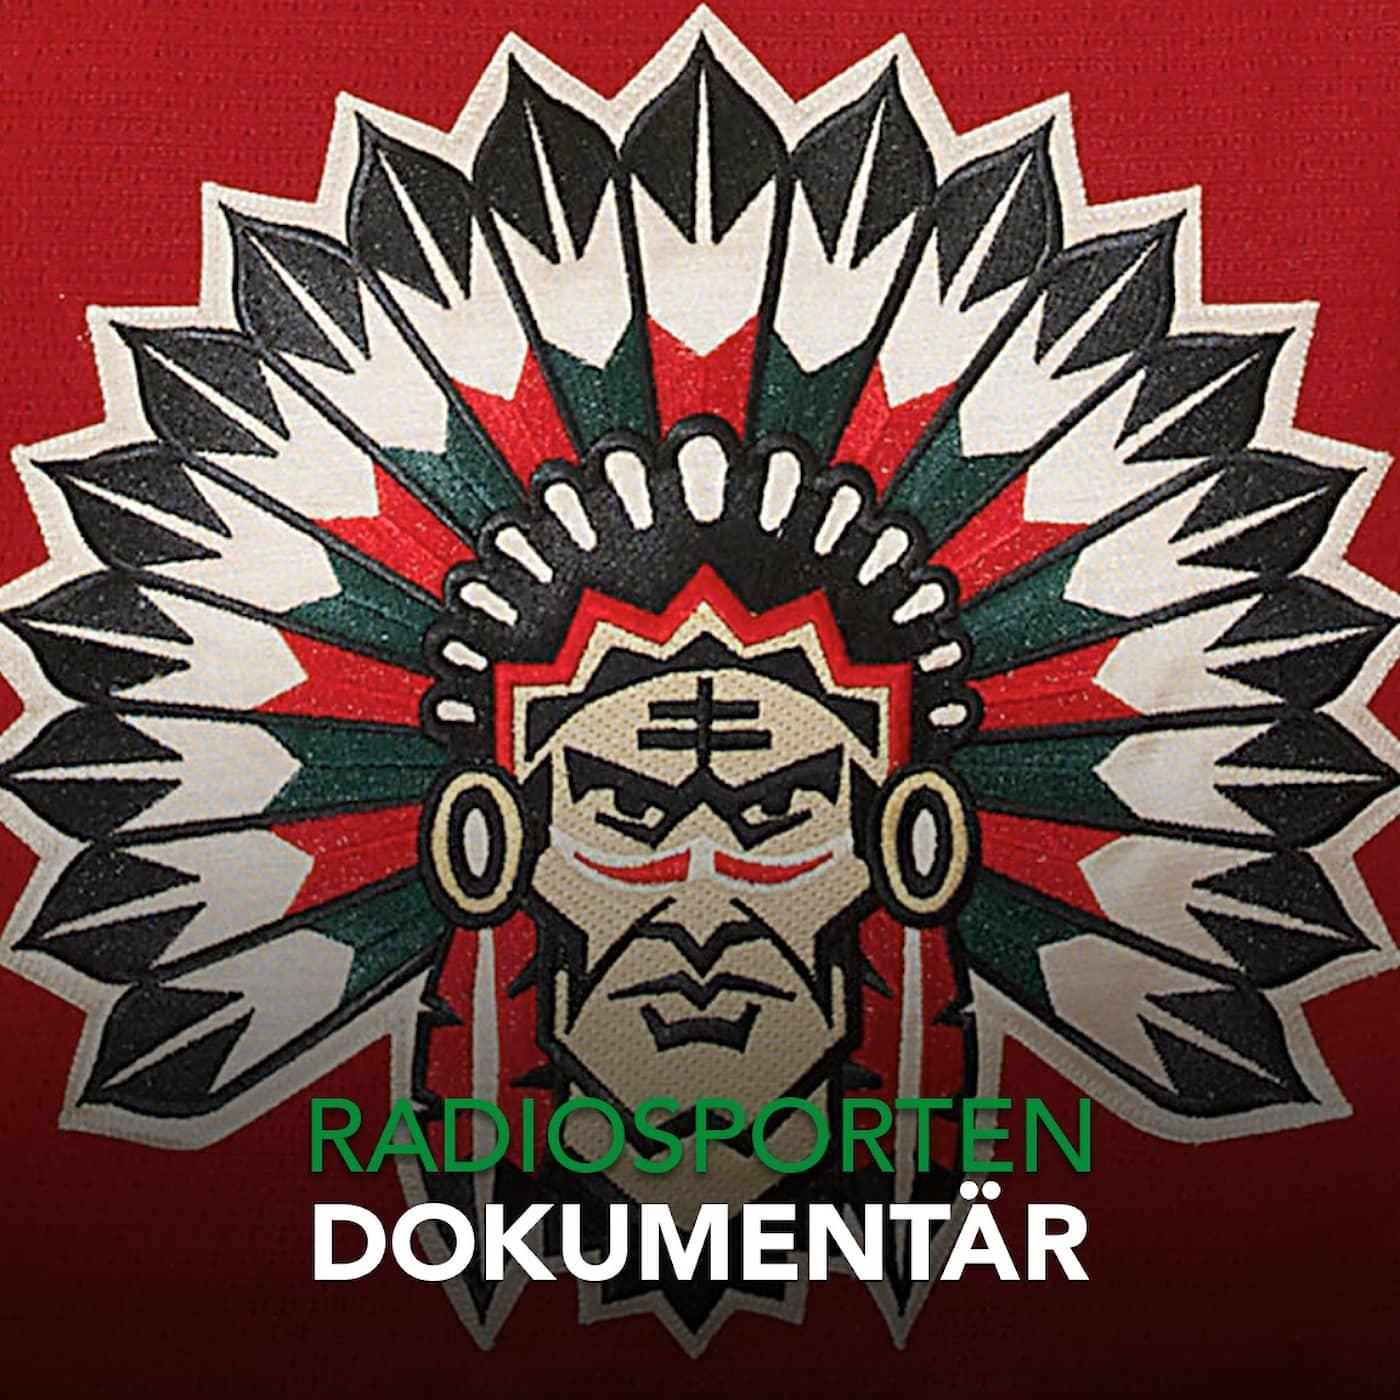 Indianer och NHL-kopior